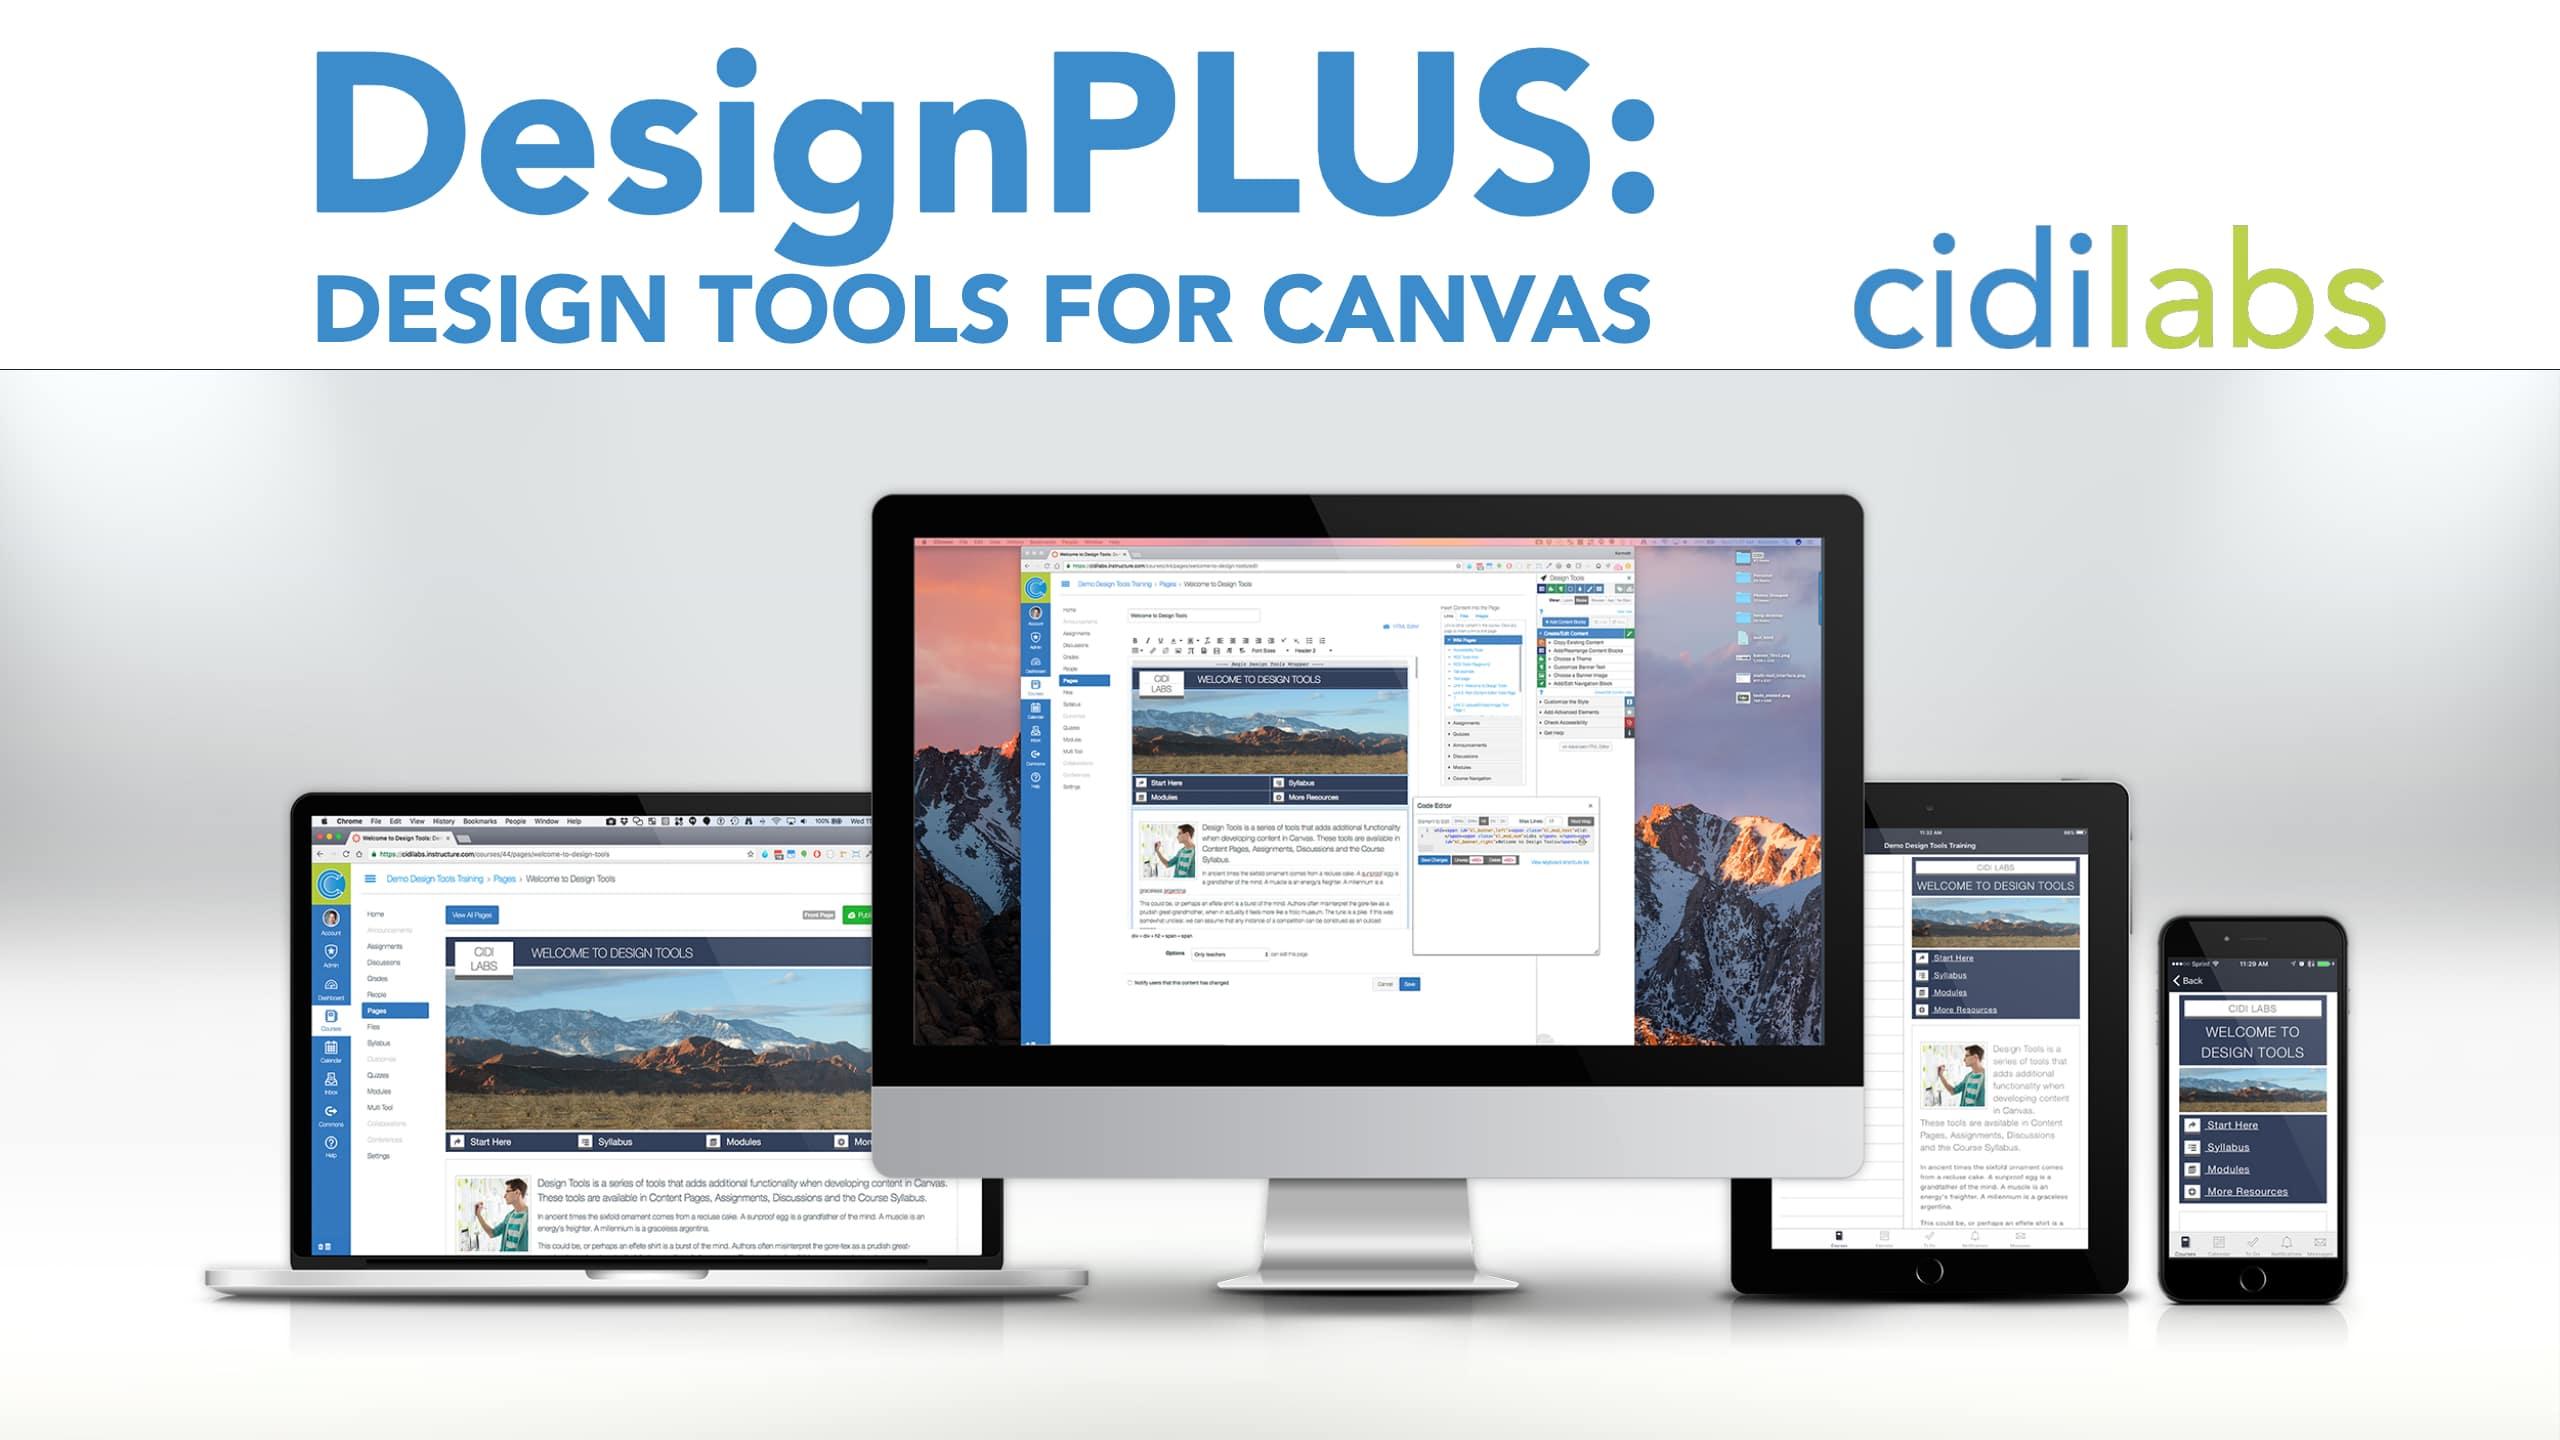 DesignPLUS video